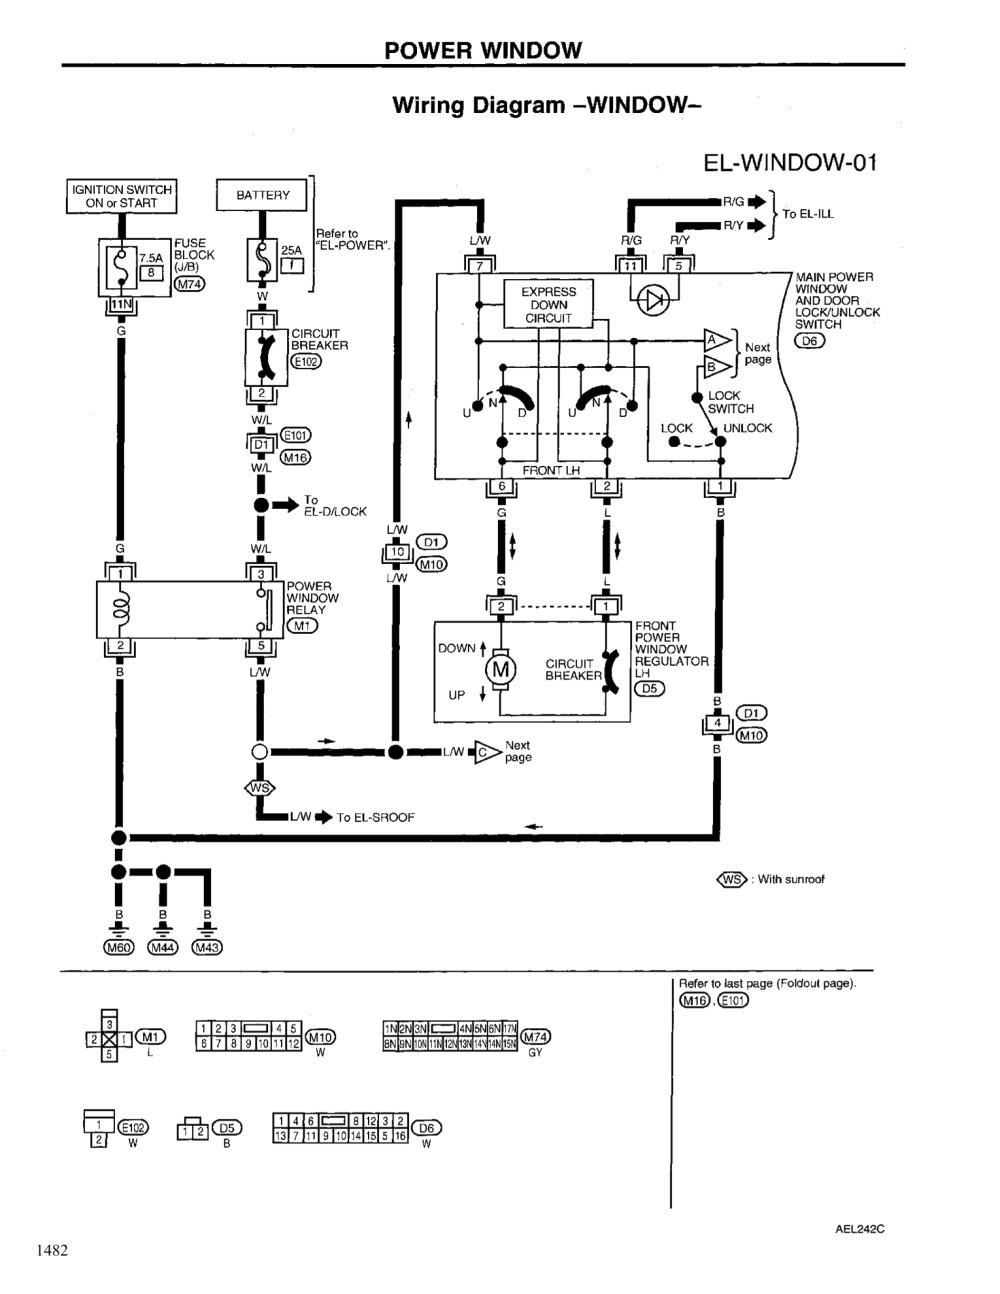 medium resolution of 2004 nissan altima power window wiring diagrams schematics